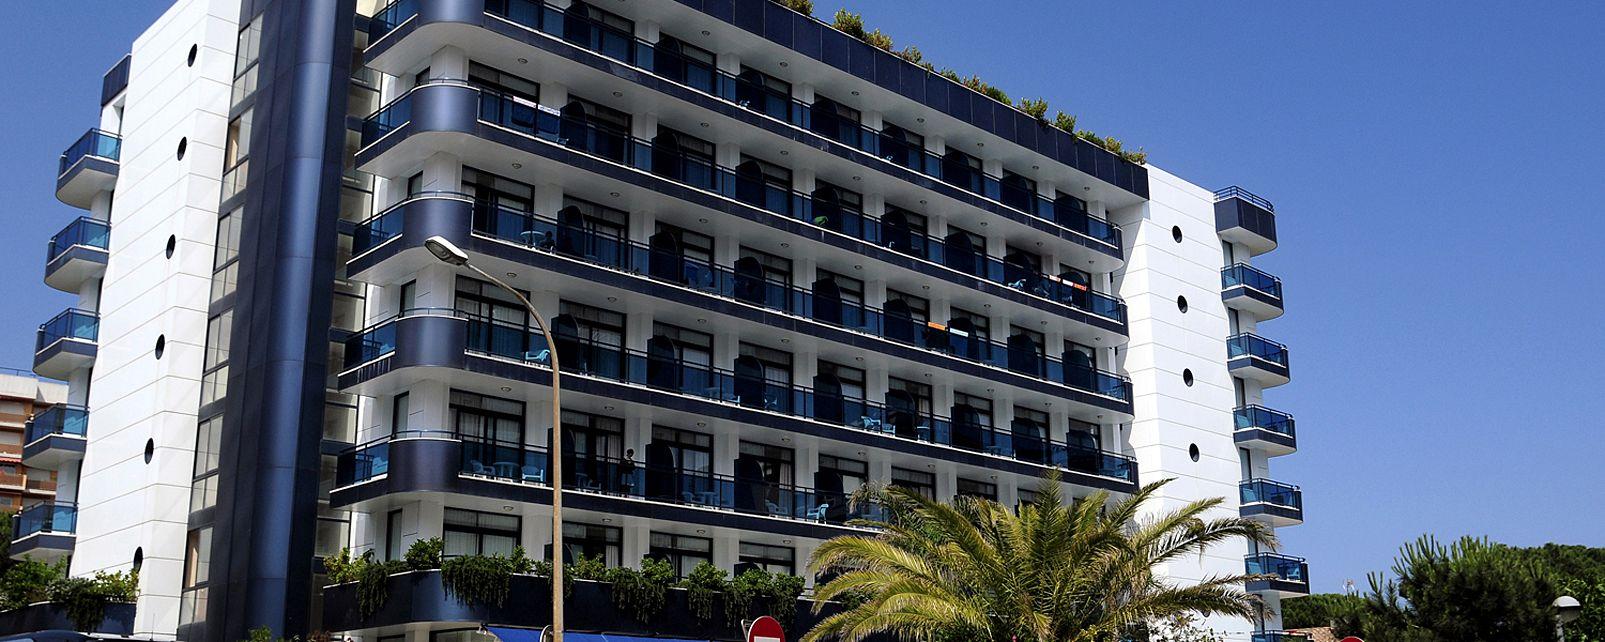 Hôtel Blaucel